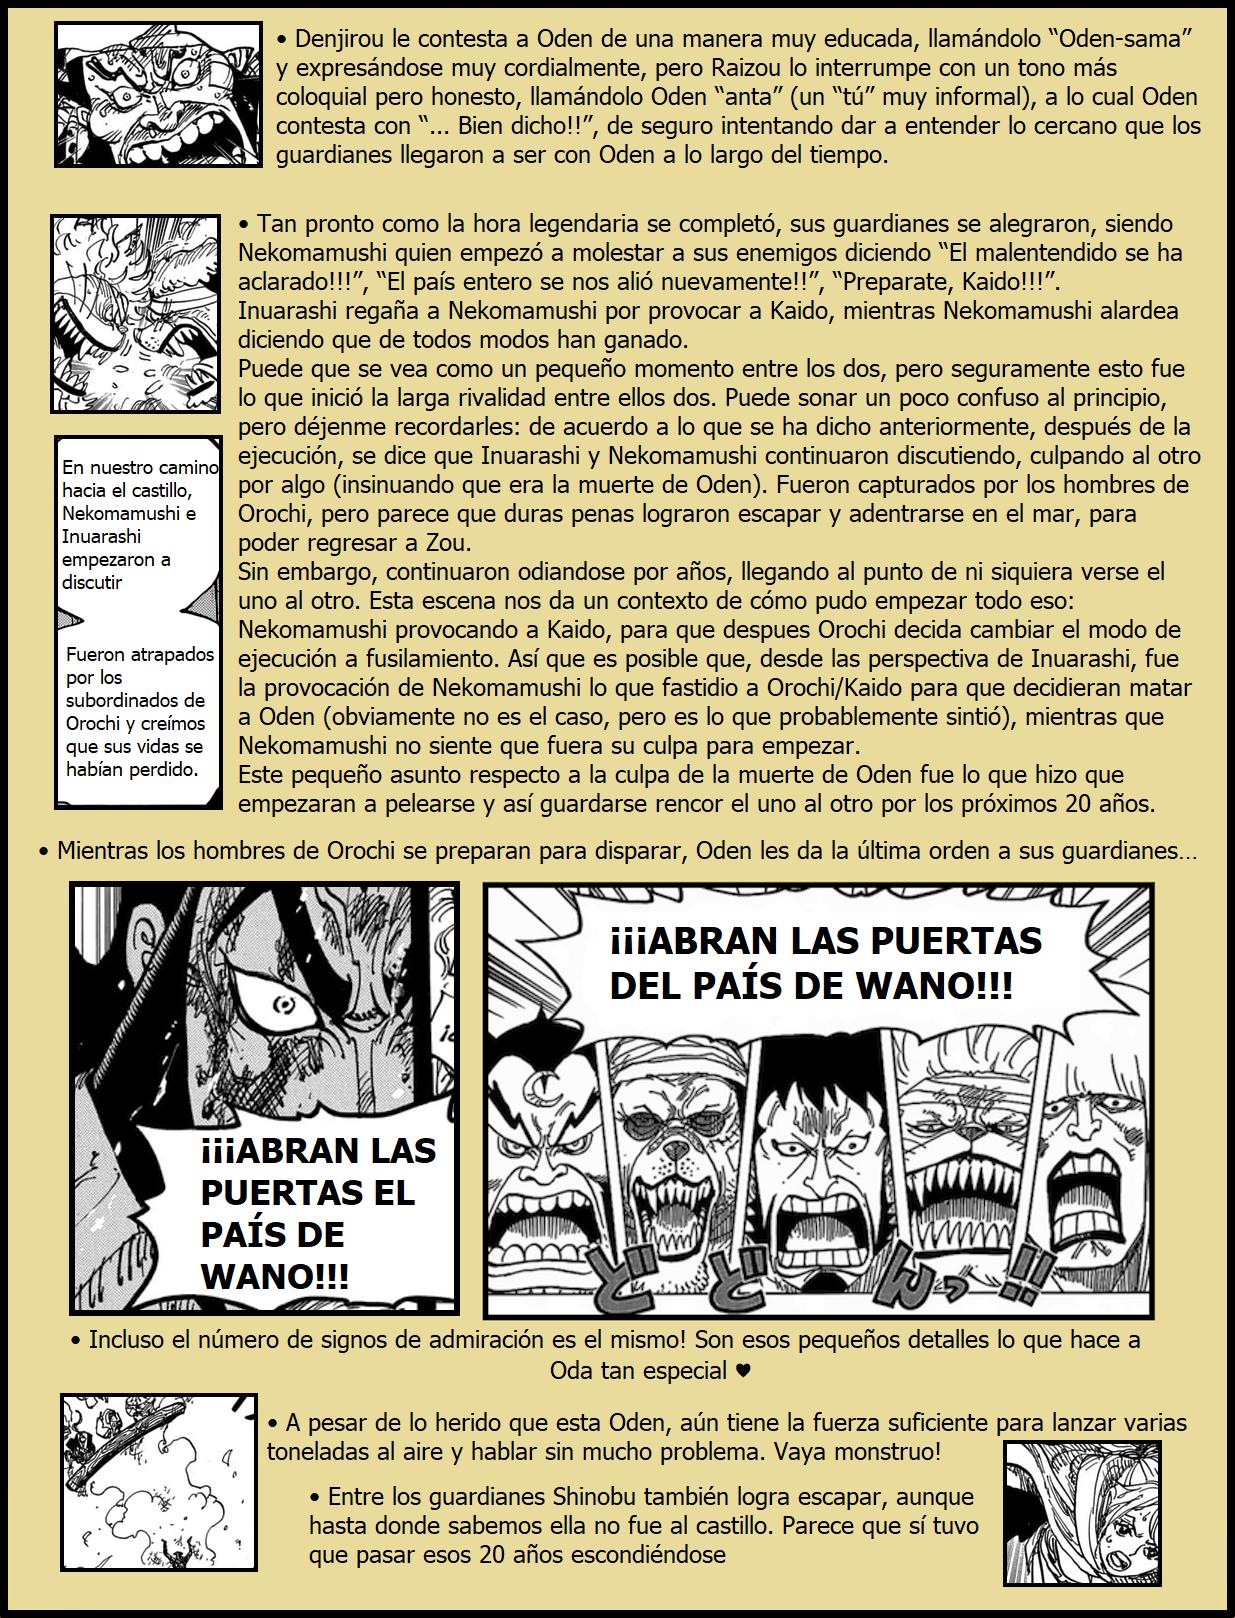 Secretos & Curiosidades - One Piece Manga 972 04